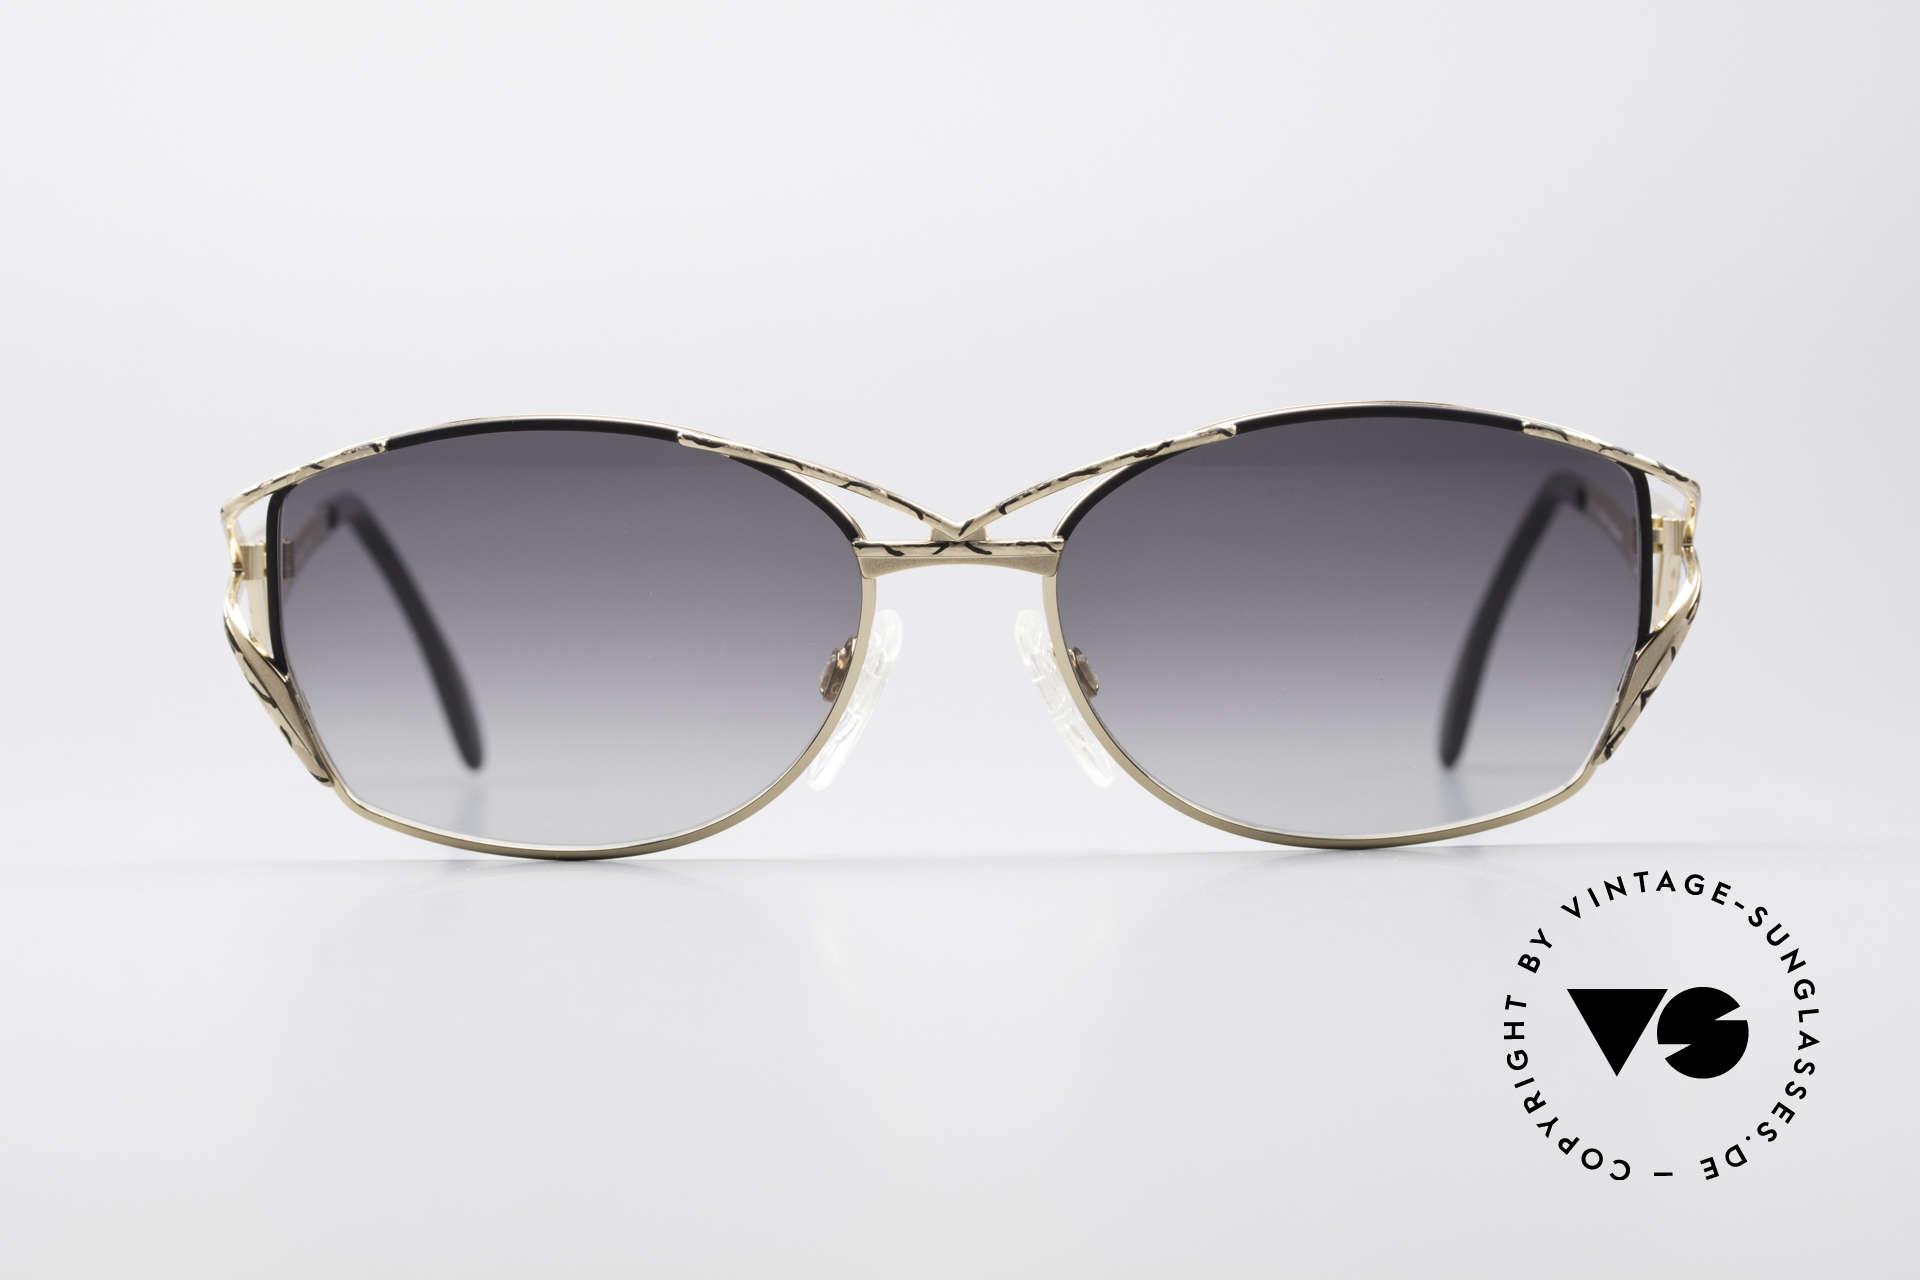 Cazal 284 Luxus Vintage Sonnenbrille, Designer-Sonnenbrille von CAri ZALloni (Mr.CAZAL), Passend für Damen